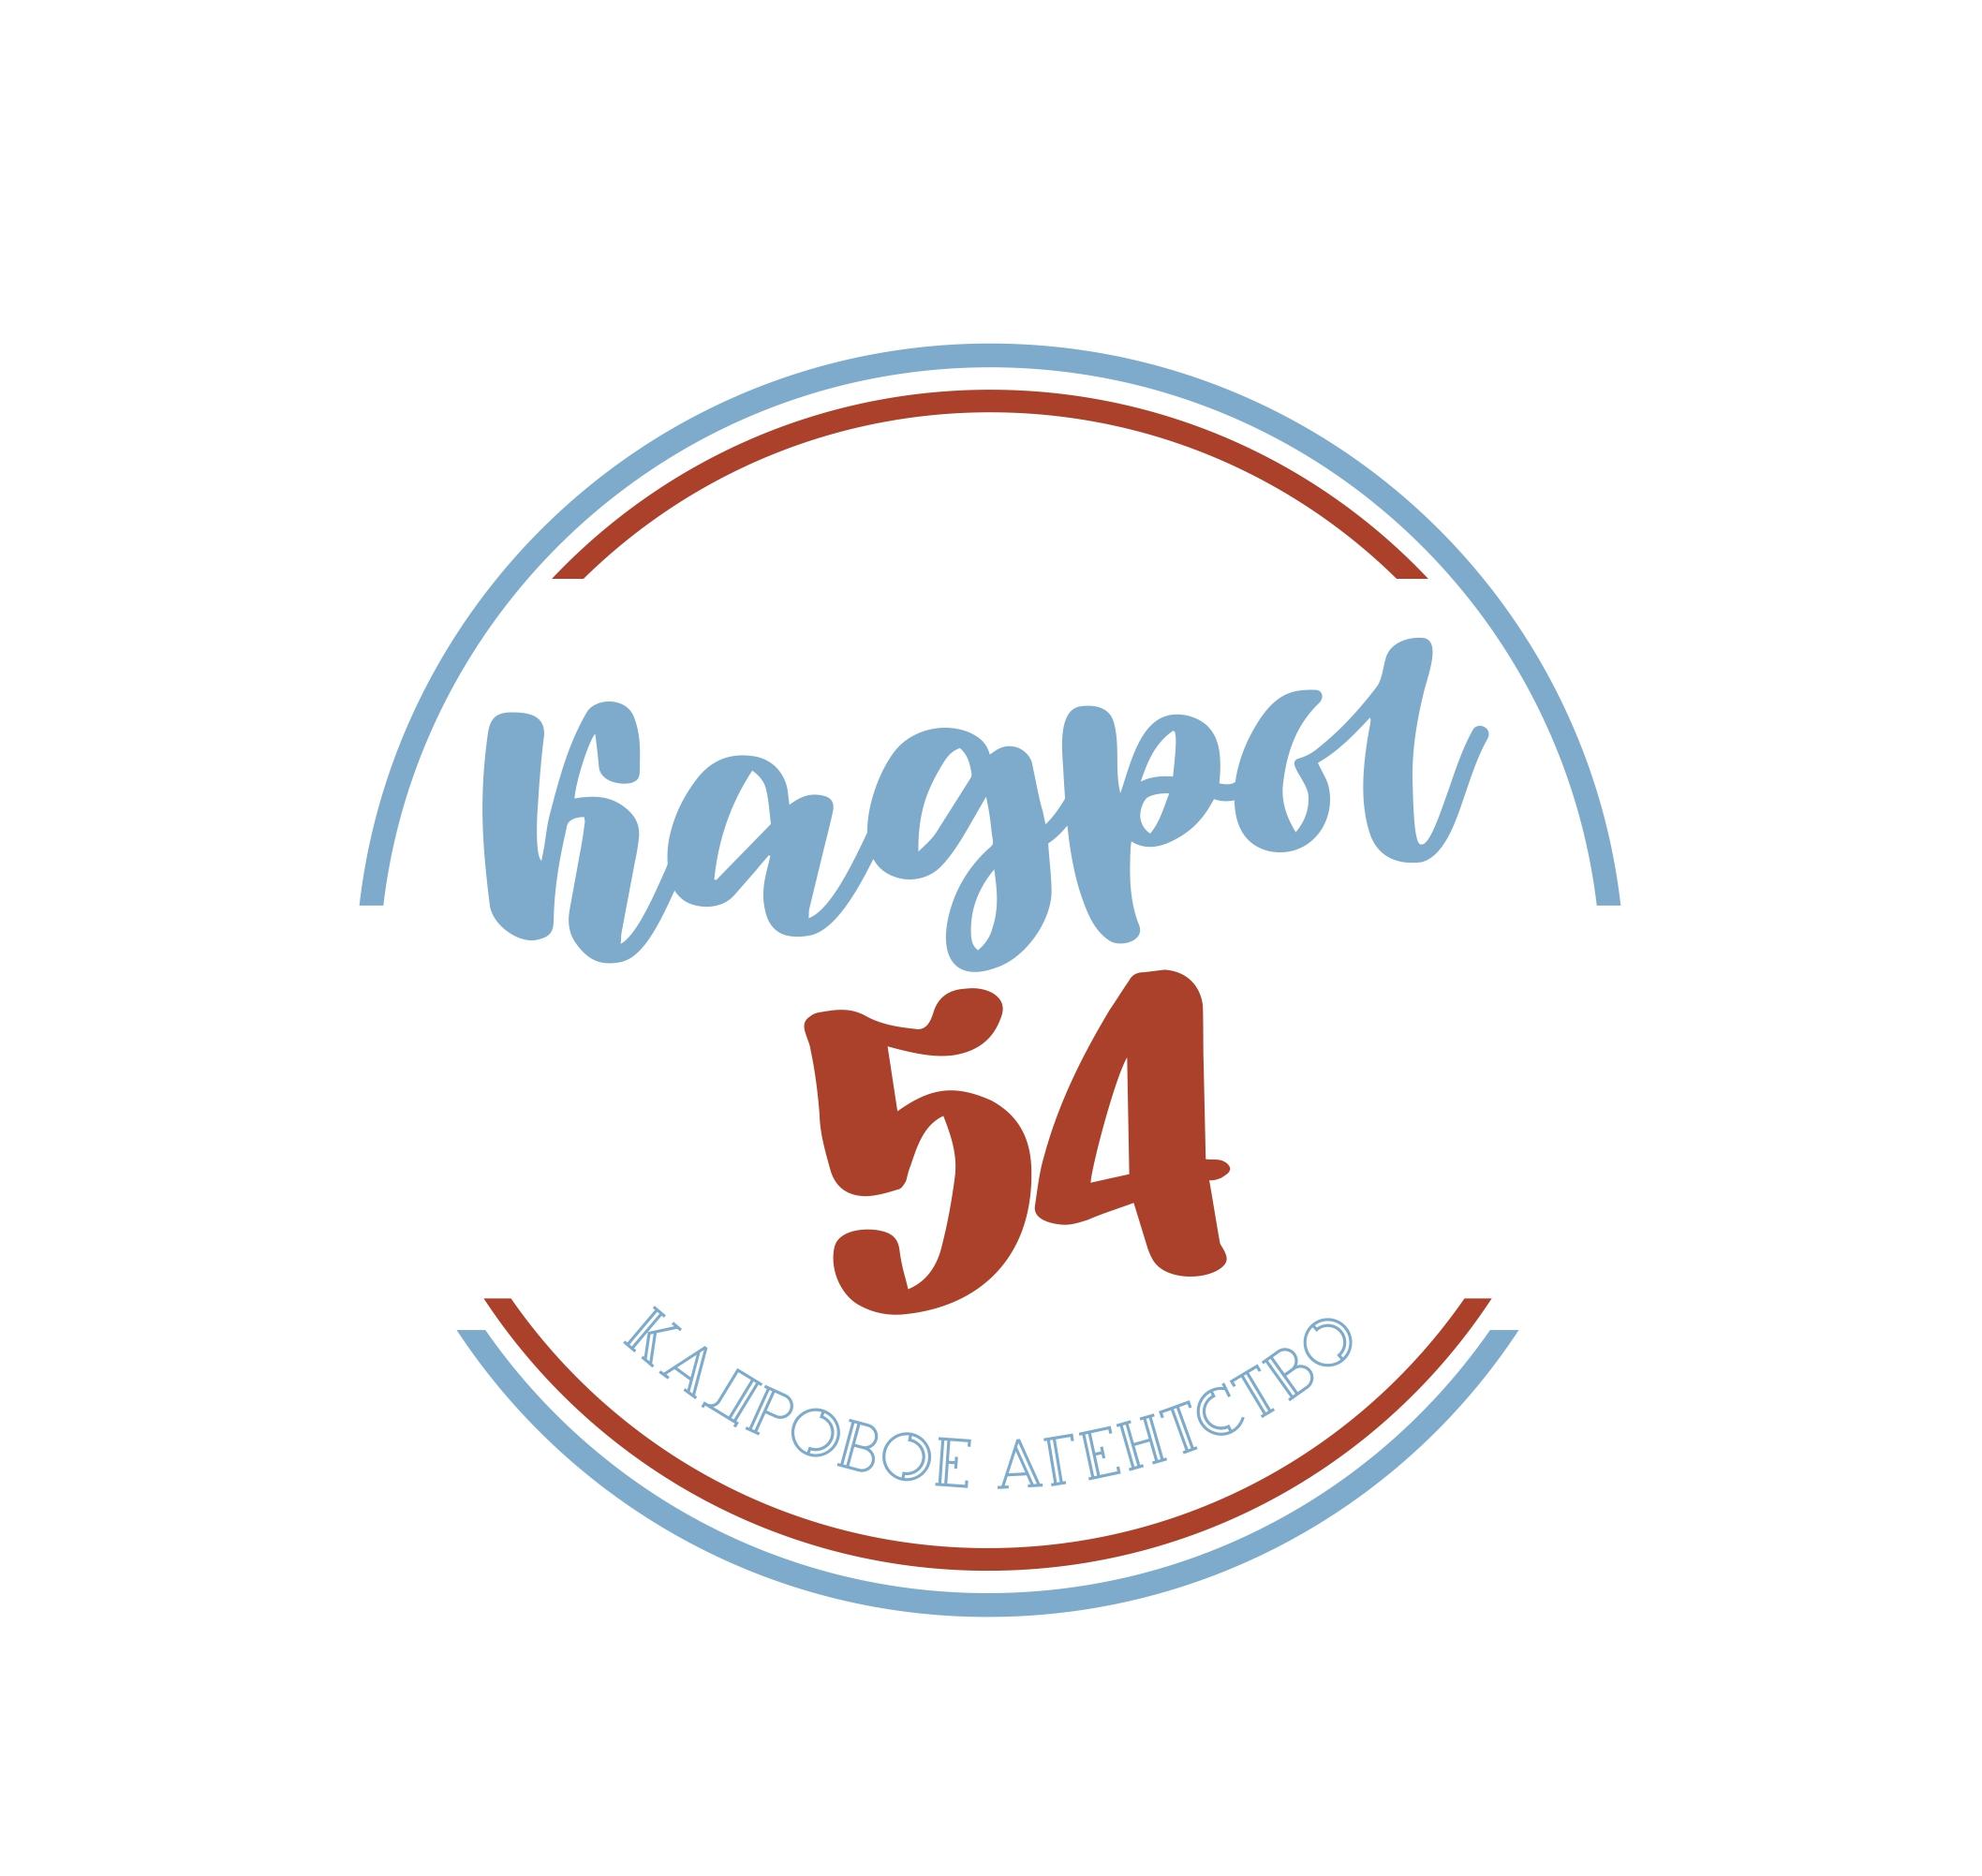 Логотип компании «КА «Кадры-54»»